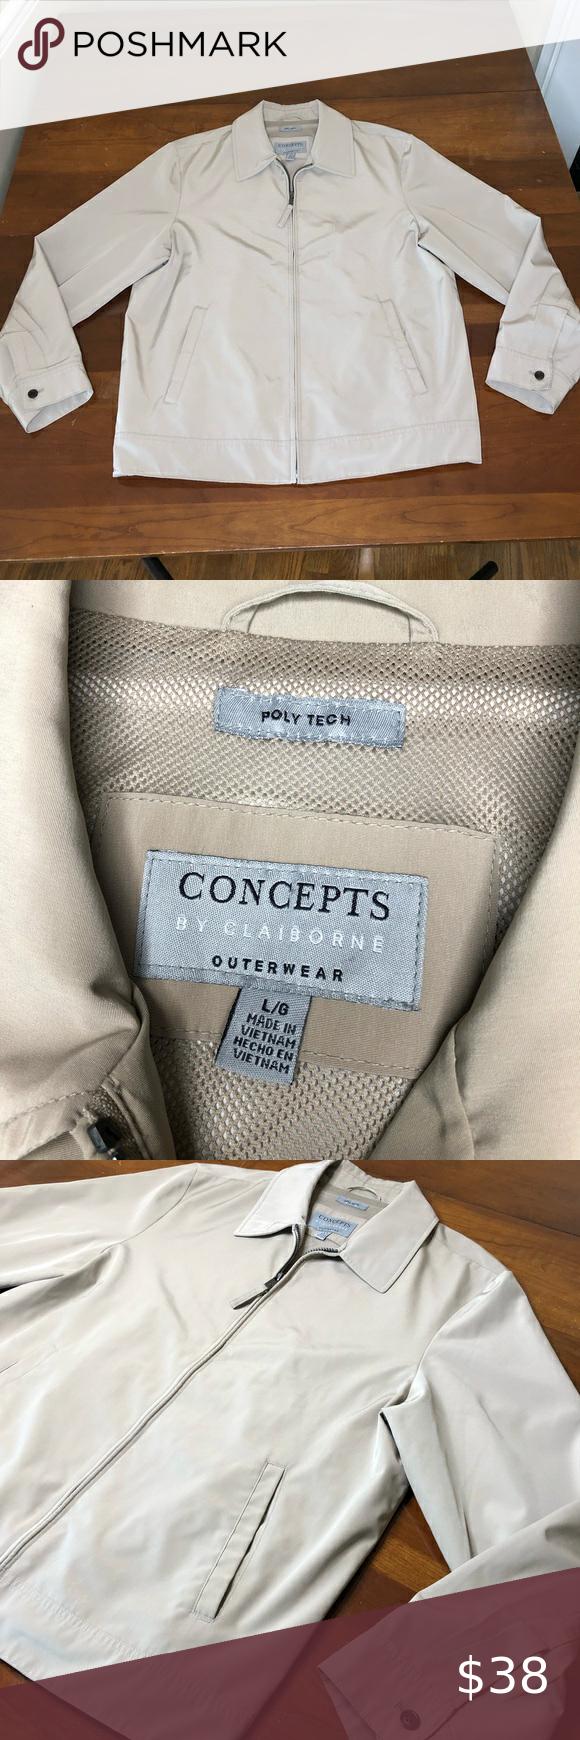 Concepts By Claiborne Men S Jacket Concepts By Claiborne Men S Outerwear Jacket Poly Tech Dress Casual Jacket Outerwear Jackets Lightweight Shirts Khaki Color [ 1740 x 580 Pixel ]